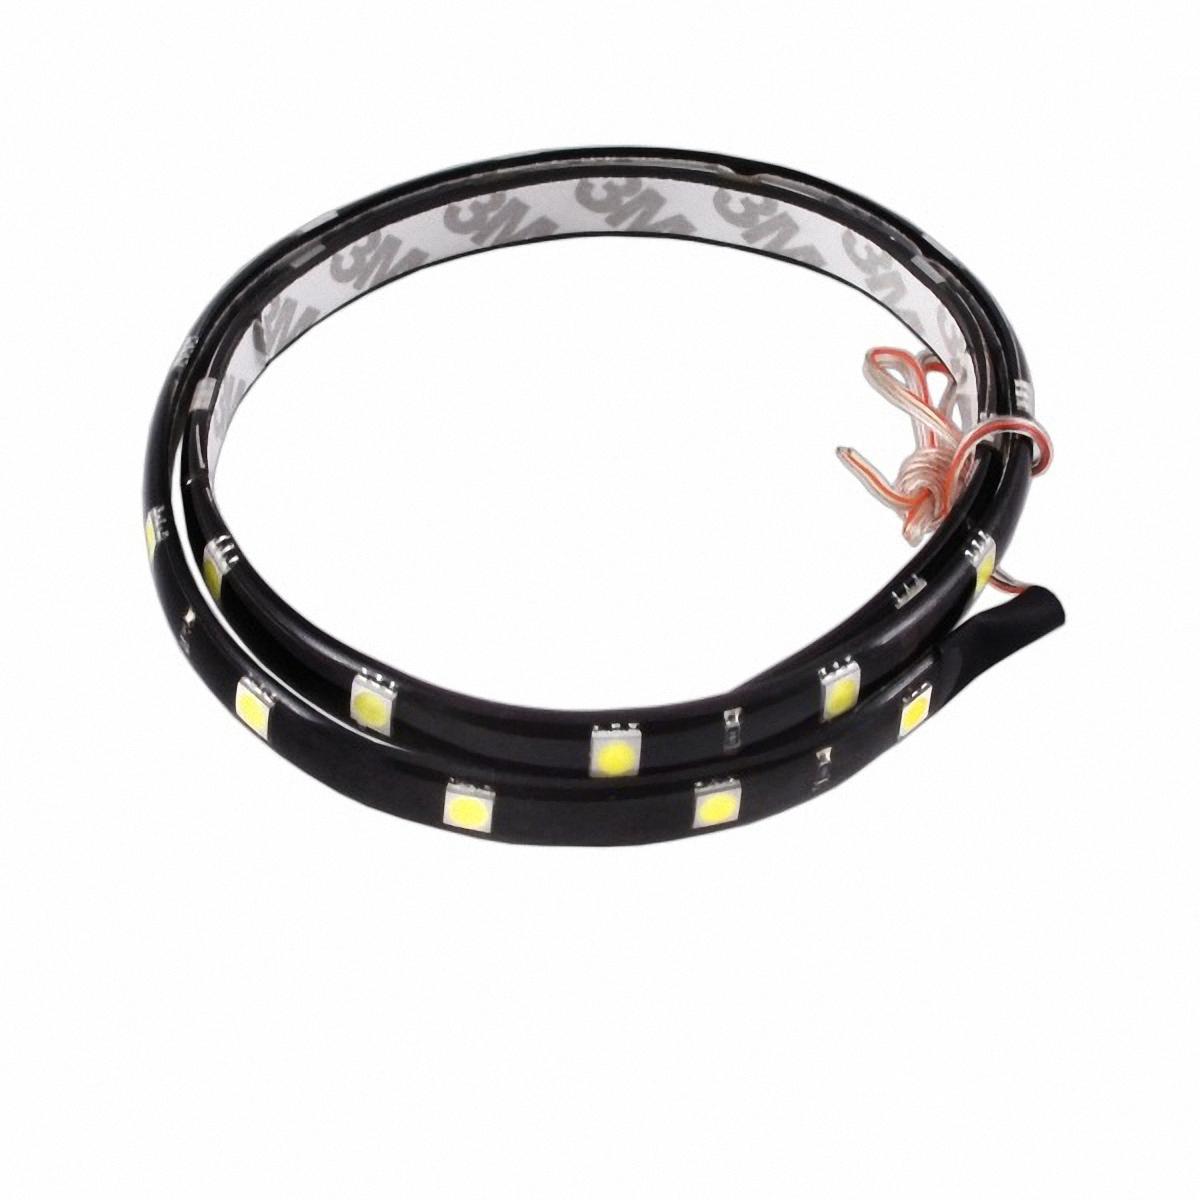 Лента светодиодная Skyway, 24 SMD диода. S03201004S03201004Лента светодиодная Skyway имеет 24 SMD диода.Входное напряжение: 12V. Длина: 60 см. Цвет свечения: белый.